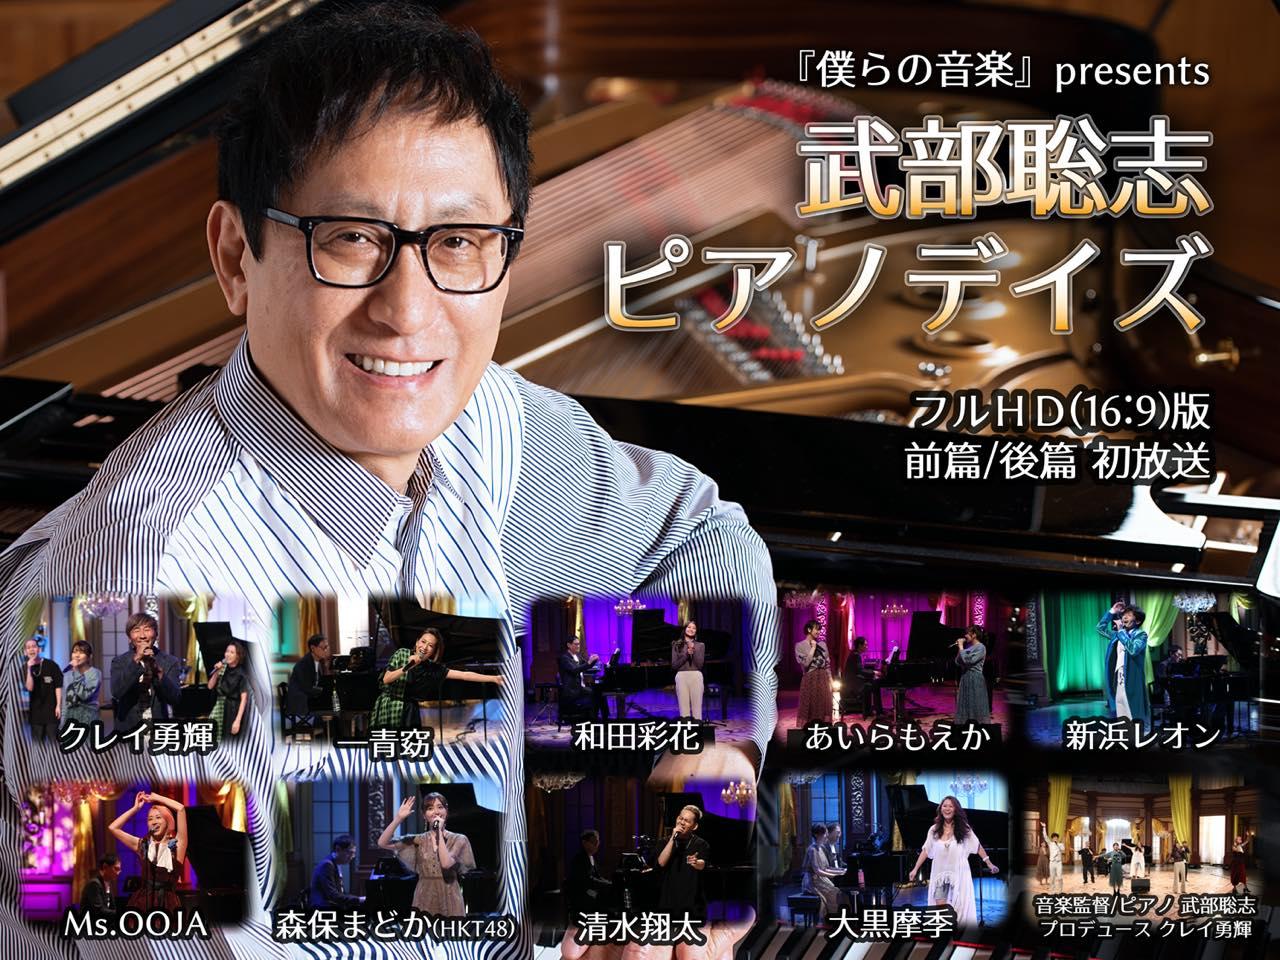 HKT48 森保まどか出演「『僕らの音楽』presents 武部聡志 ピアノデイズ 前篇」フジテレビNEXTで放送!